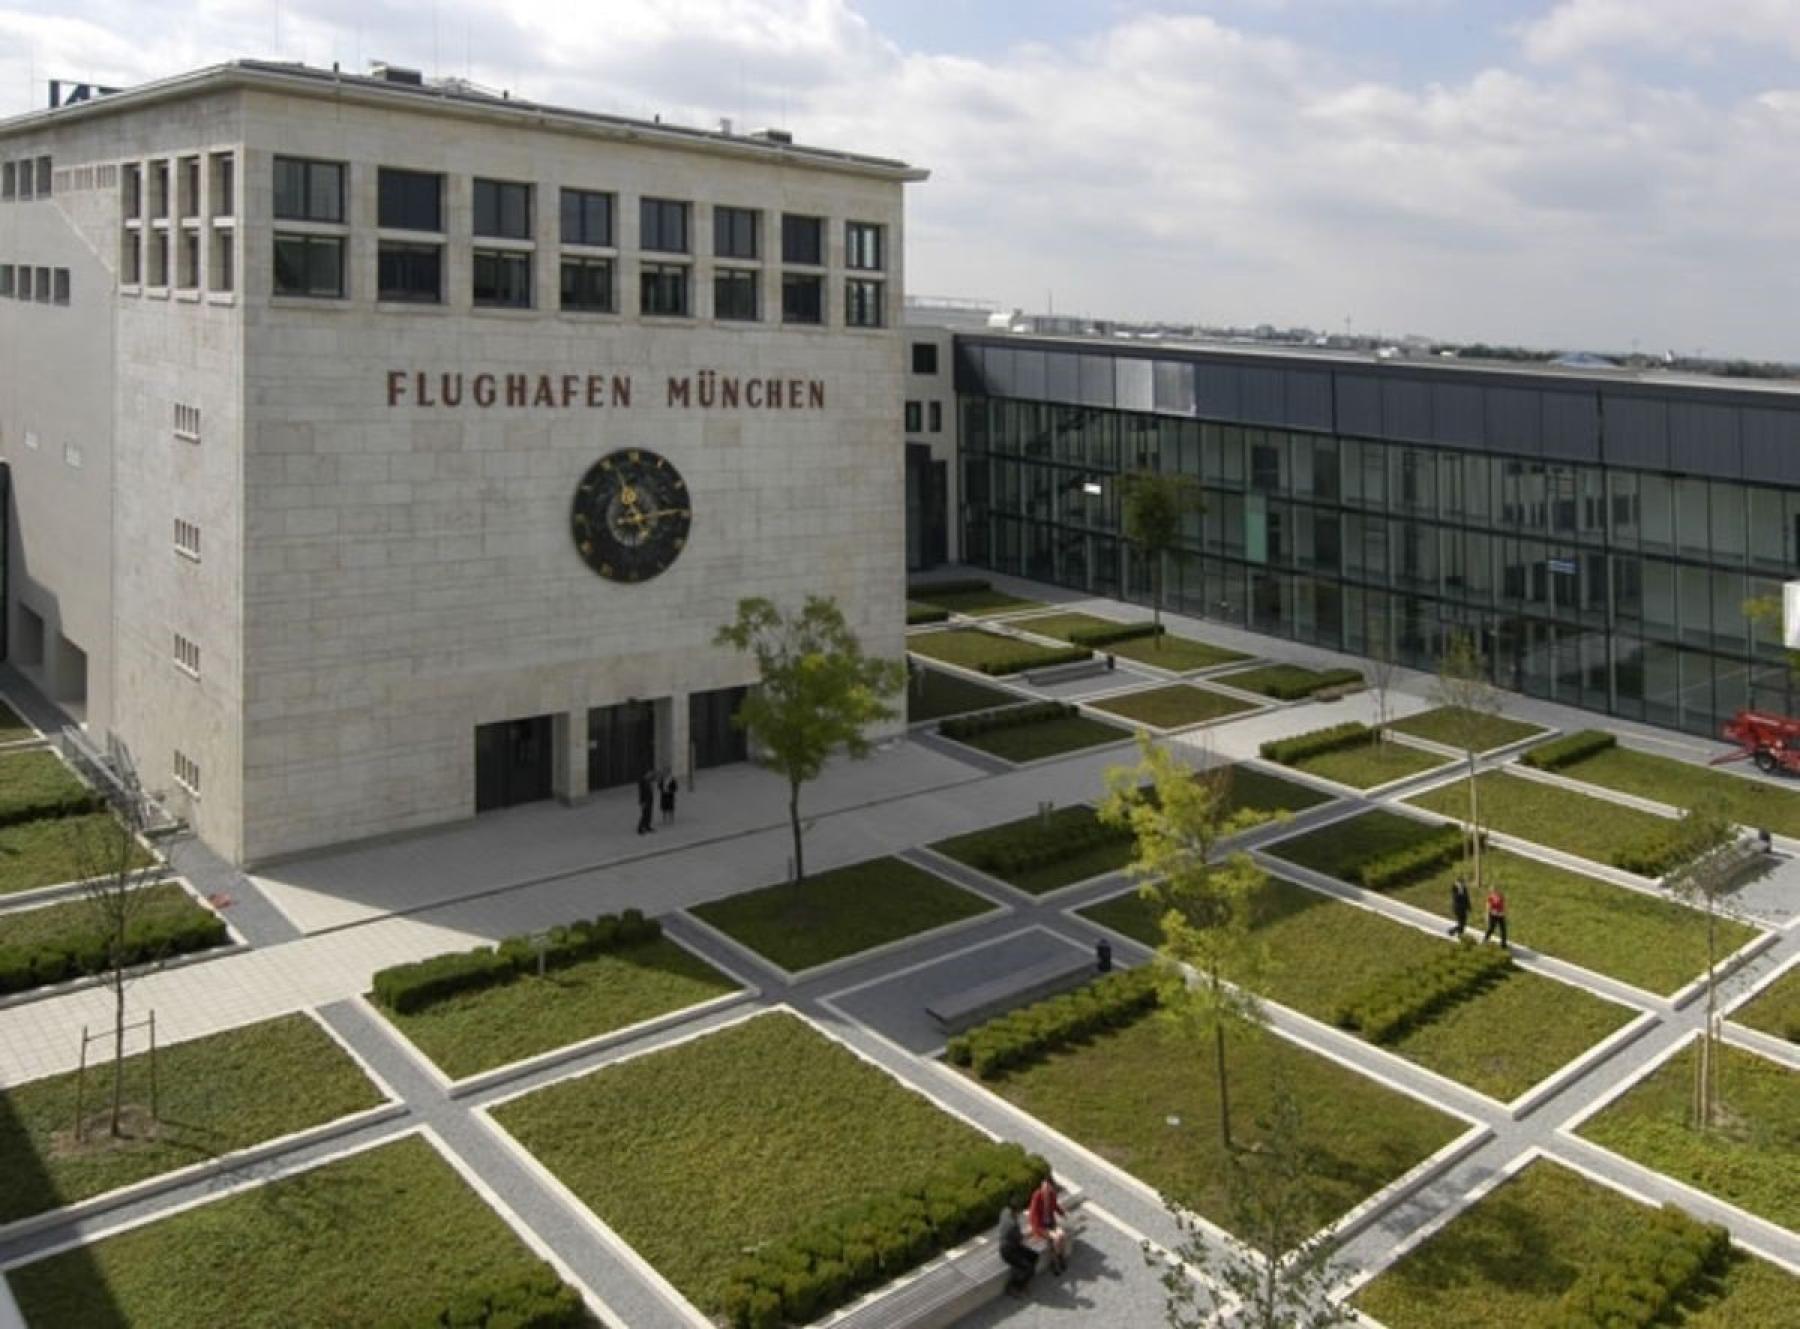 Beindruckende Außenansicht der Immobilie in München Riem am Konrad-Zuse-Platz in der Nähe vom Flughafen